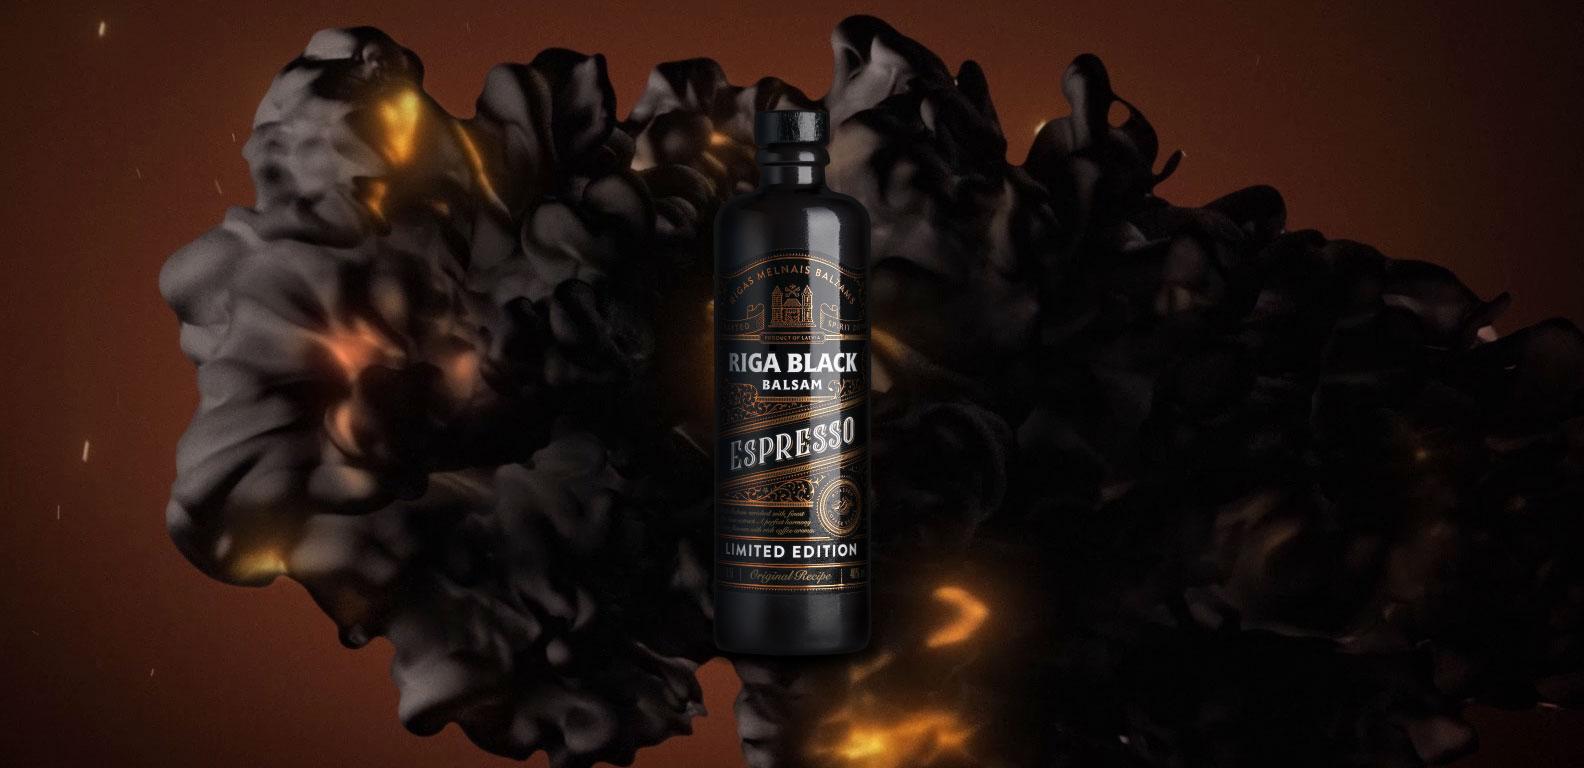 Riga Black Espresso - web